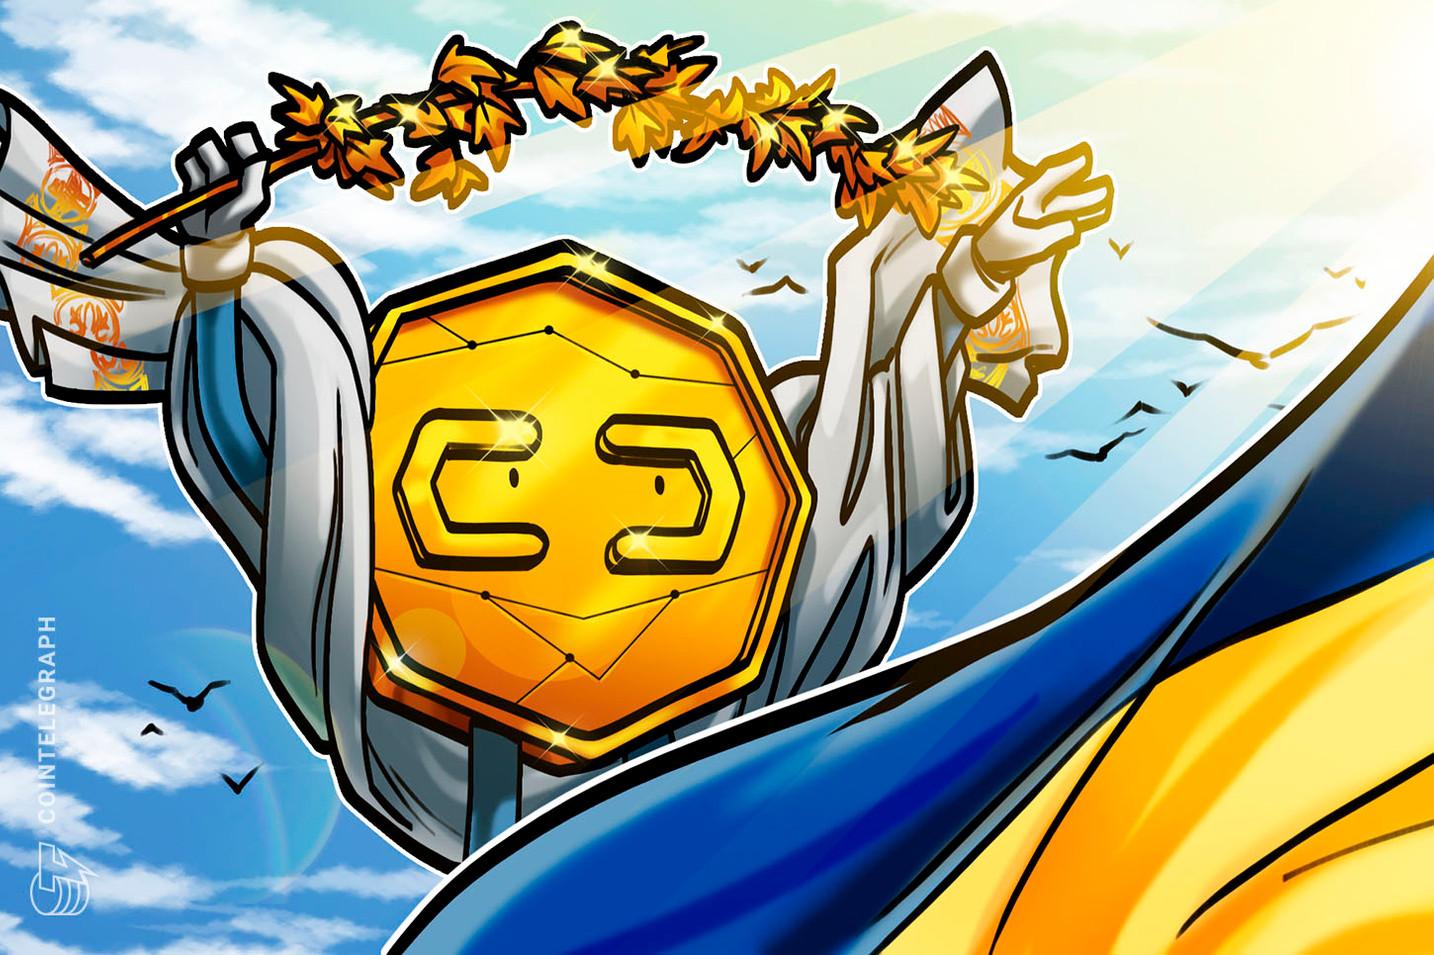 ウクライナのオンライン銀行、7月にもビットコイン取引を可能に